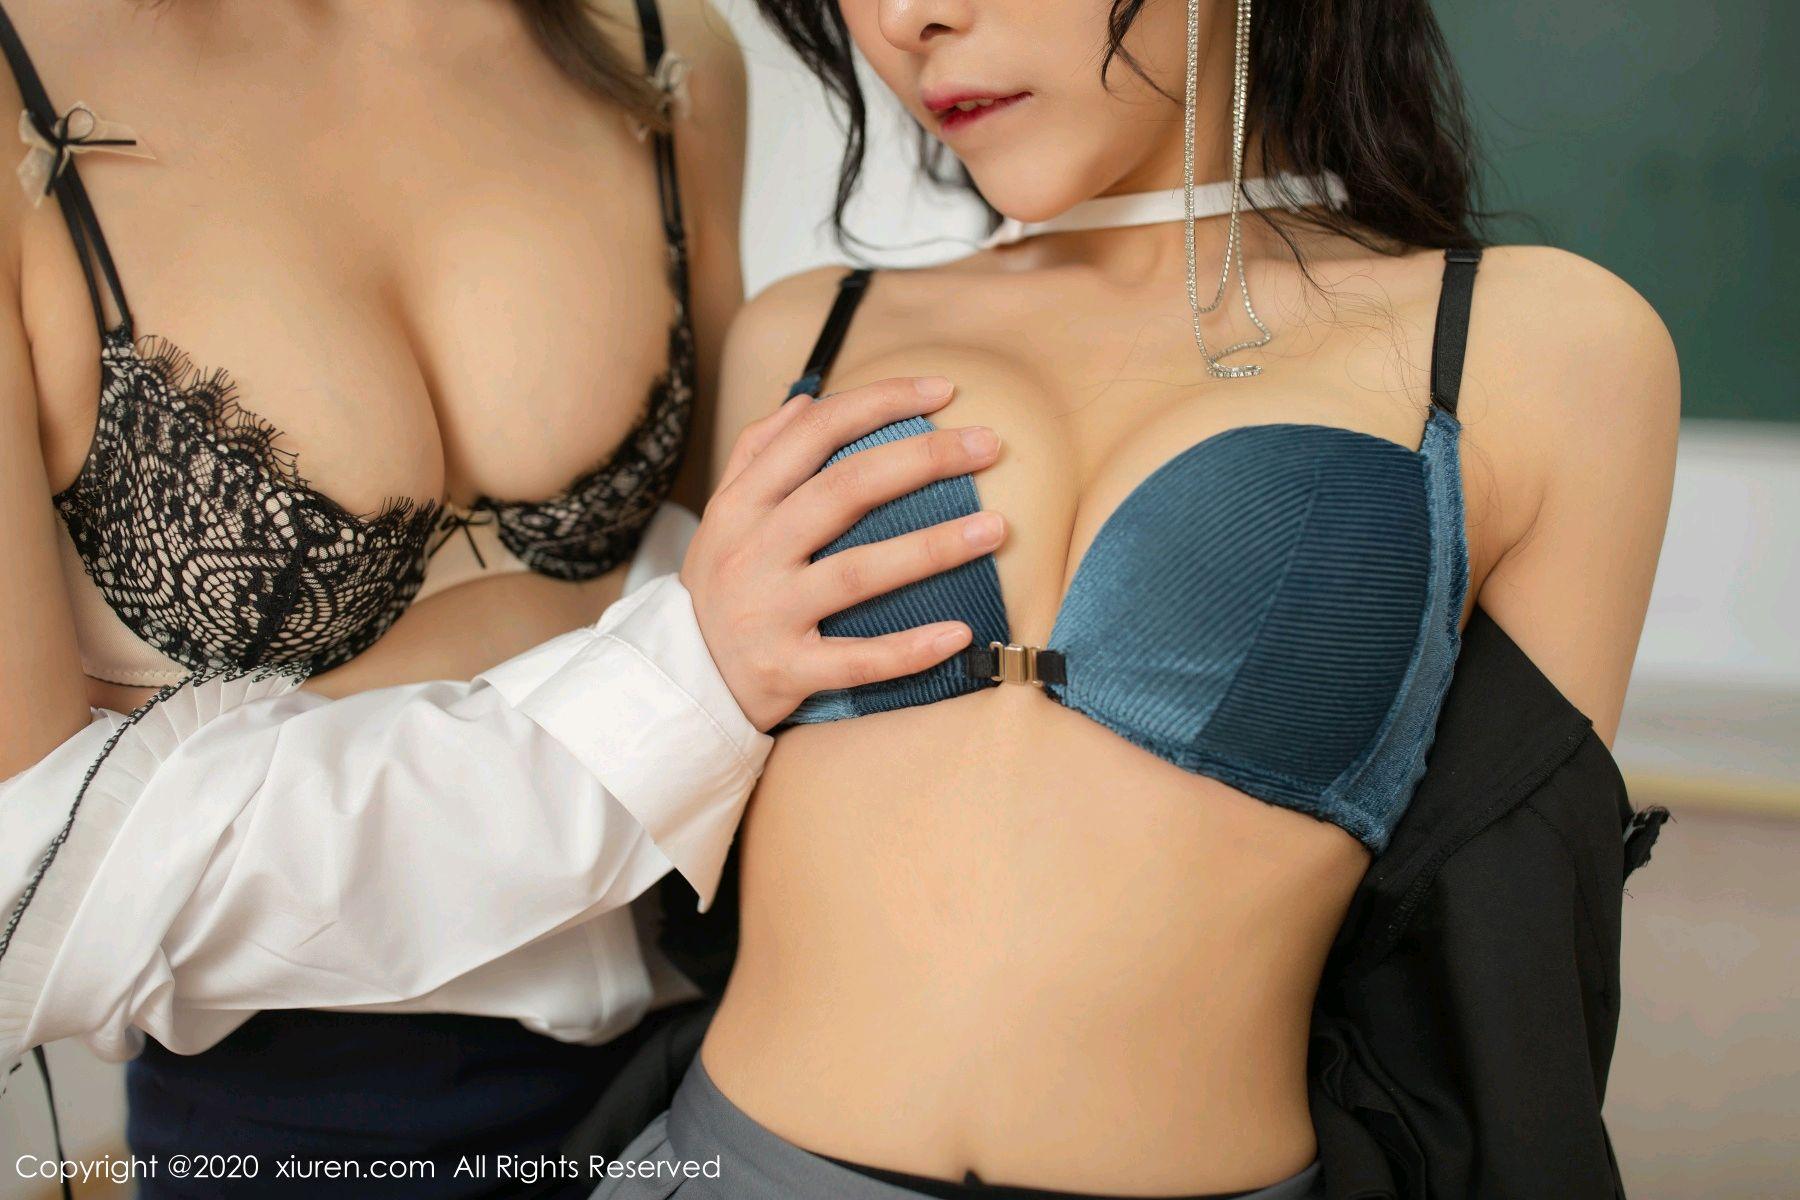 [XiuRen] Vol.2420 Chen Xiao Miao and Lu Xuan Xuan 56P, Chen Xiao Miao, Lu Xuan Xuan, School Uniform, Sisters, Xiuren